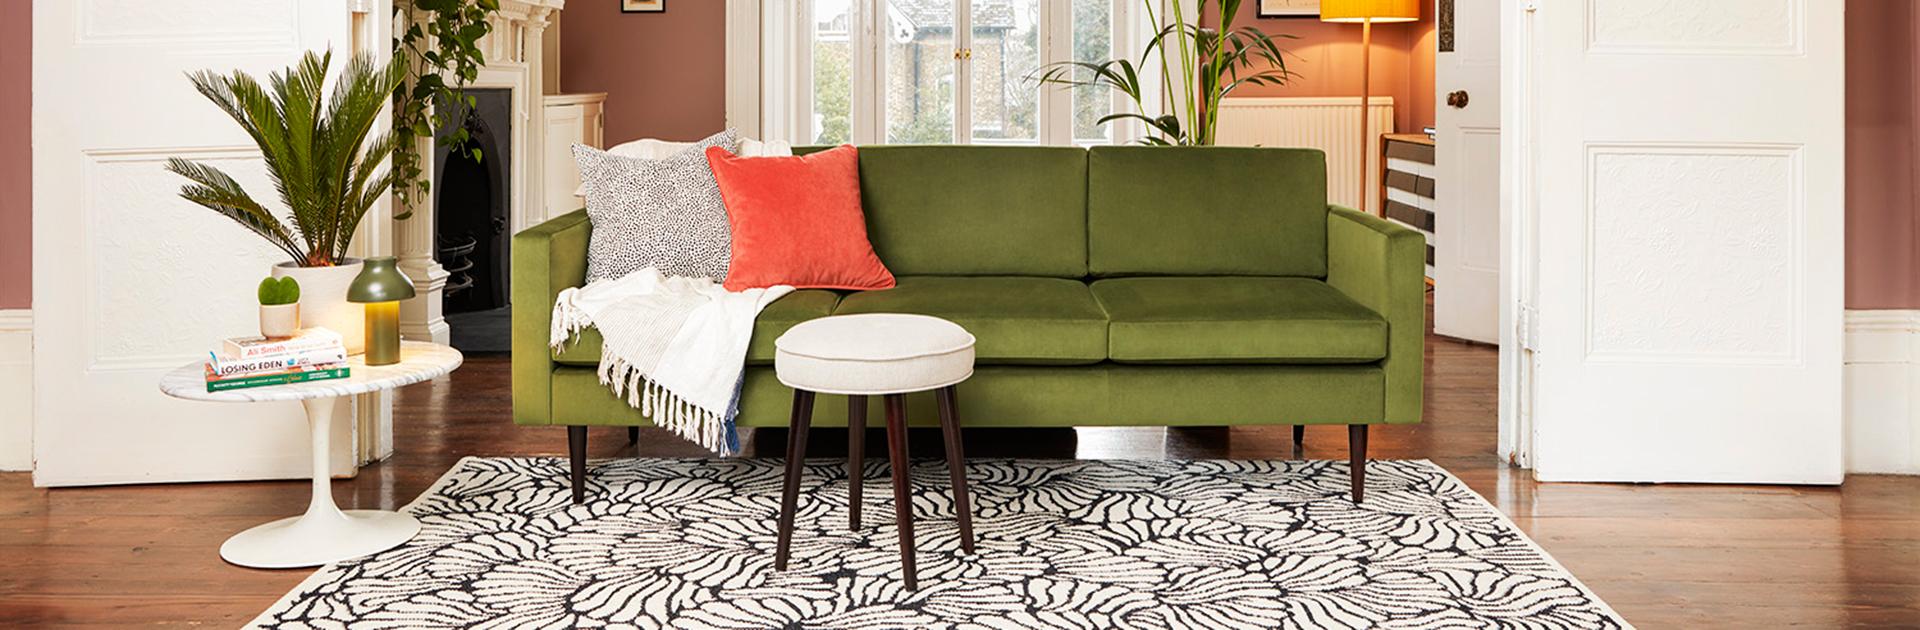 Model 01 3 seater sofa in vine velvet